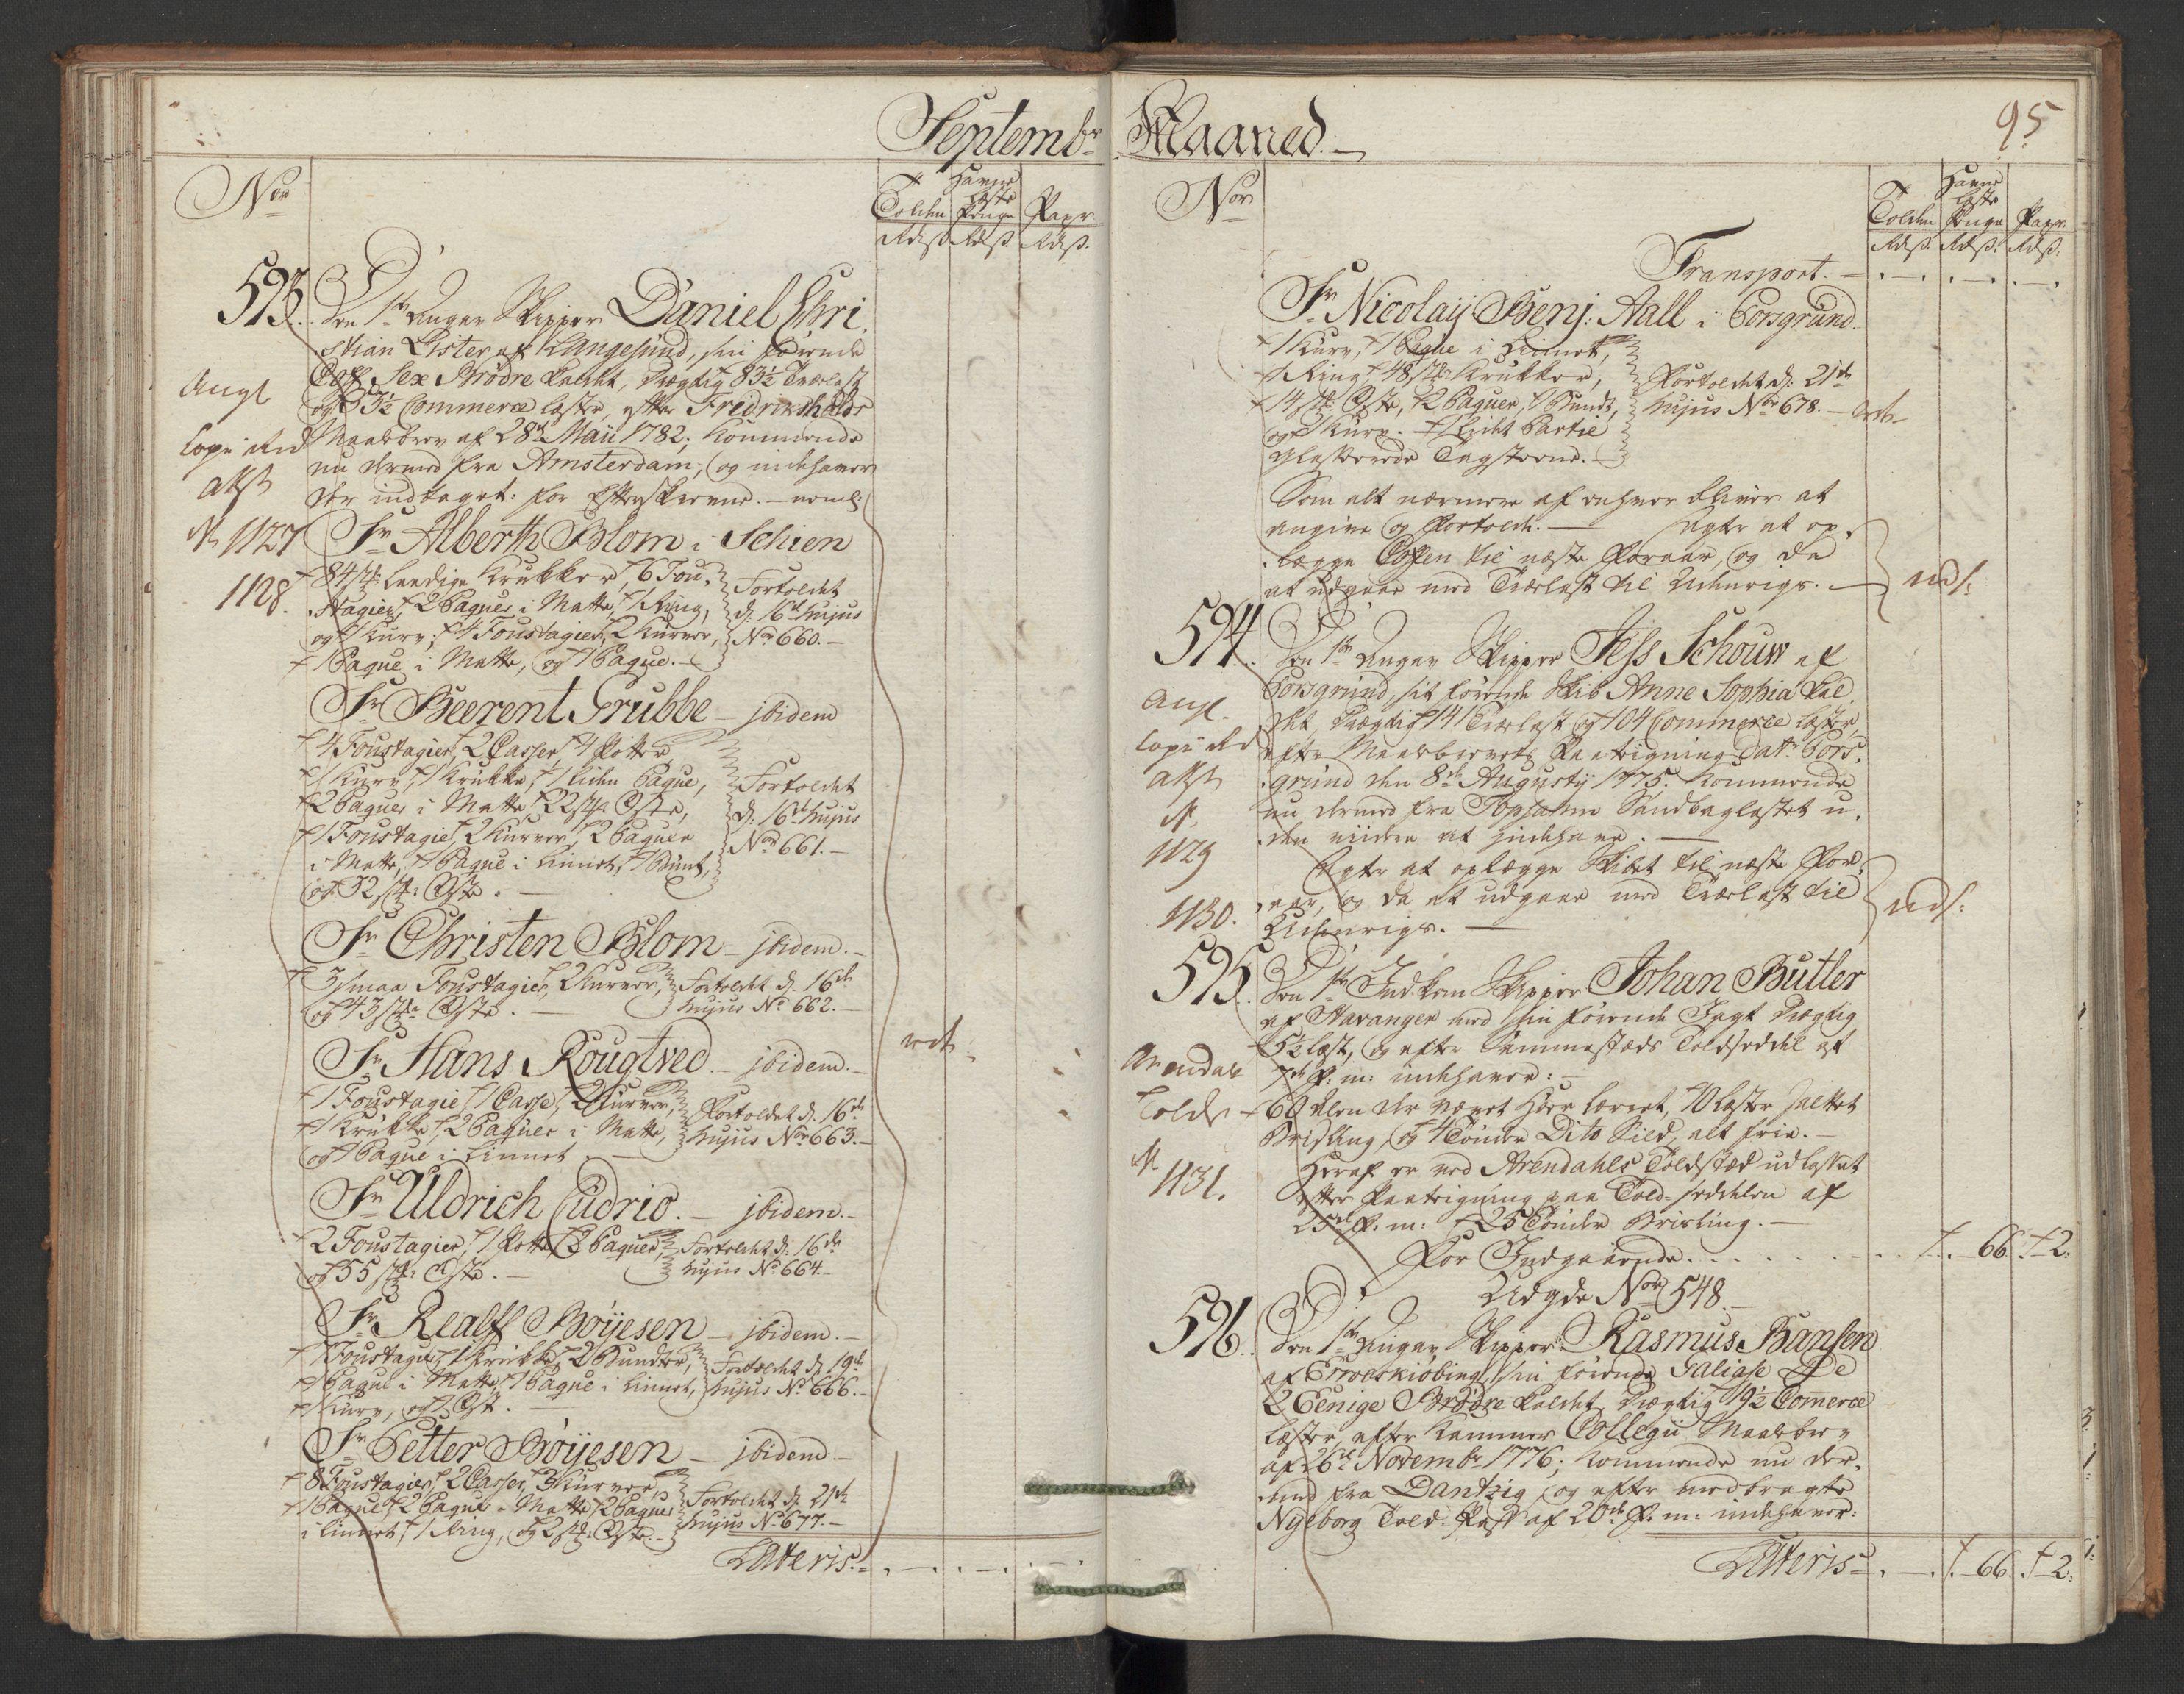 RA, Generaltollkammeret, tollregnskaper, R12/L0118: Tollregnskaper Langesund, 1786, p. 94b-95a